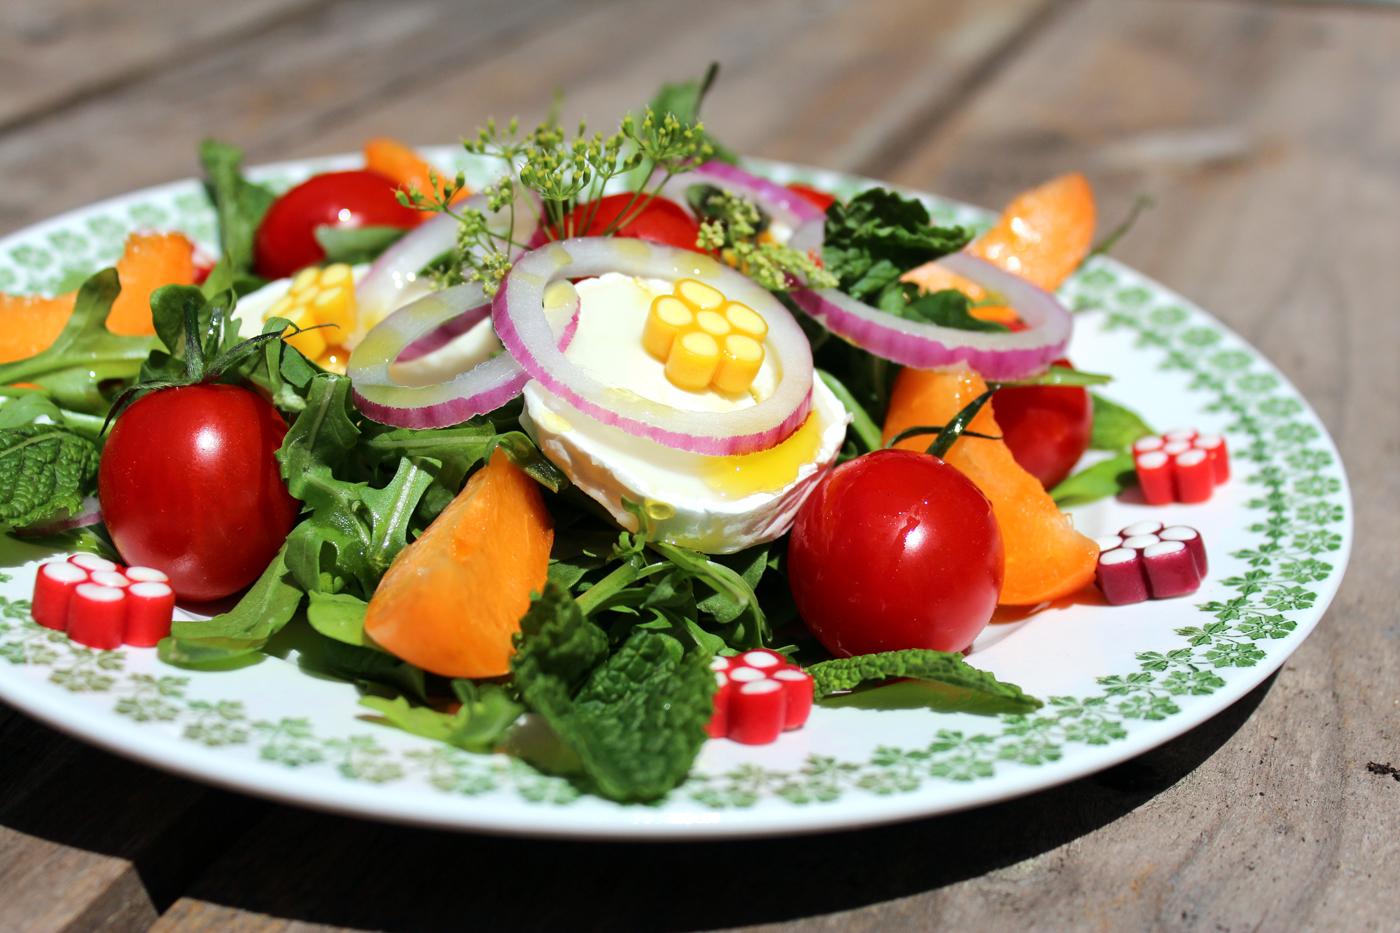 dieta para bajar de peso rapido en 3 dias a san expedito